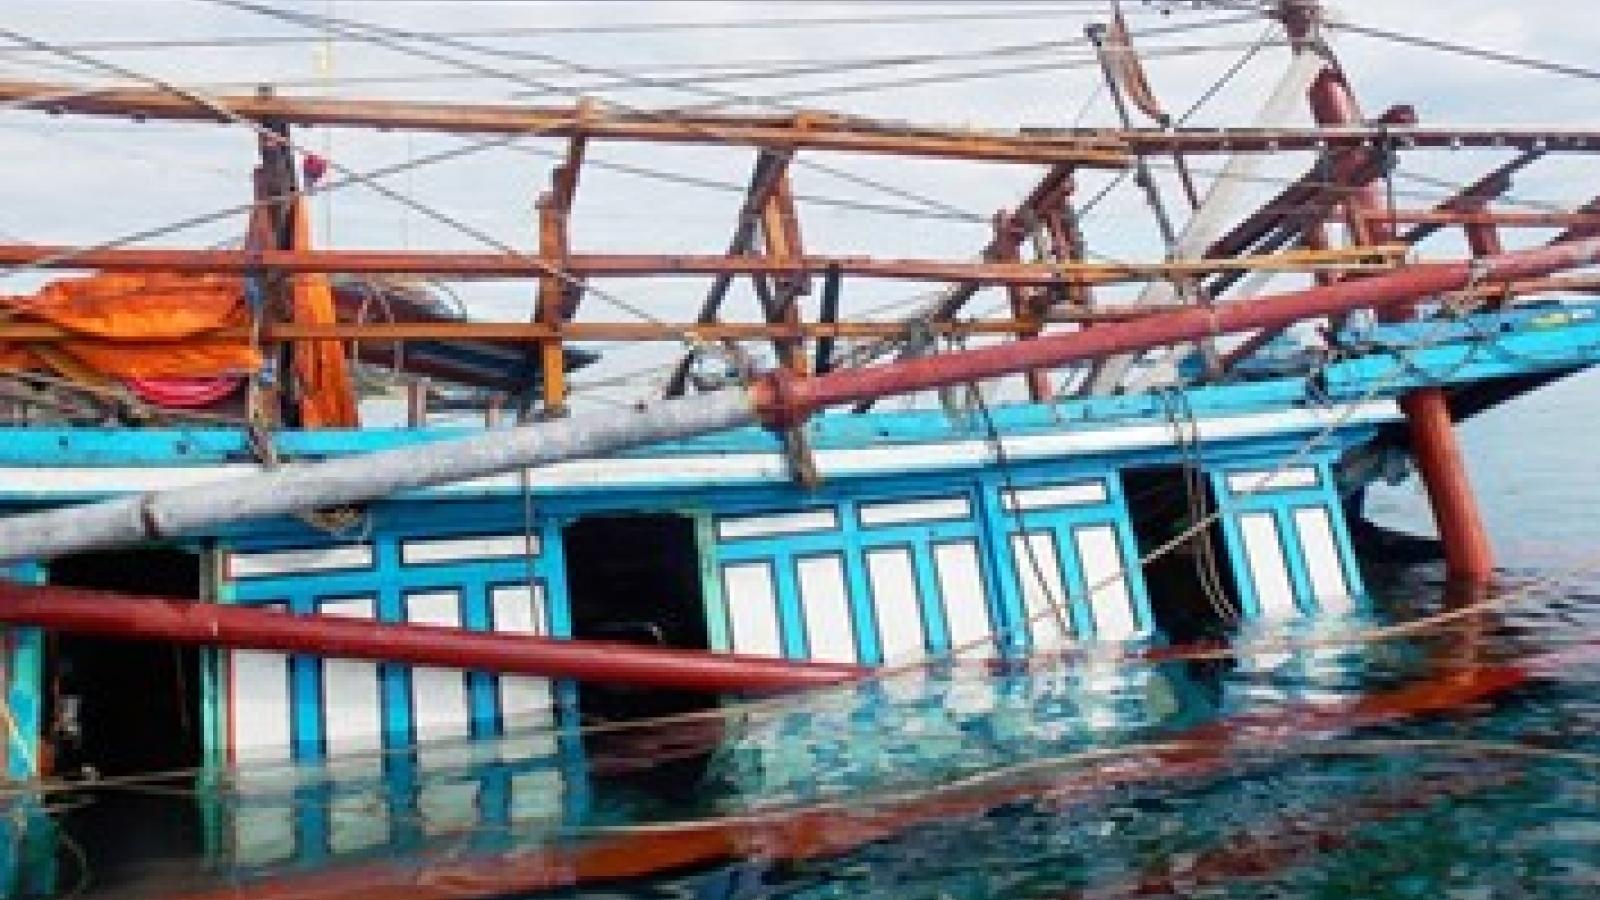 47 ngư dân tàu QNa 90839 bị chìm trên biển đang được đưa vào bờ